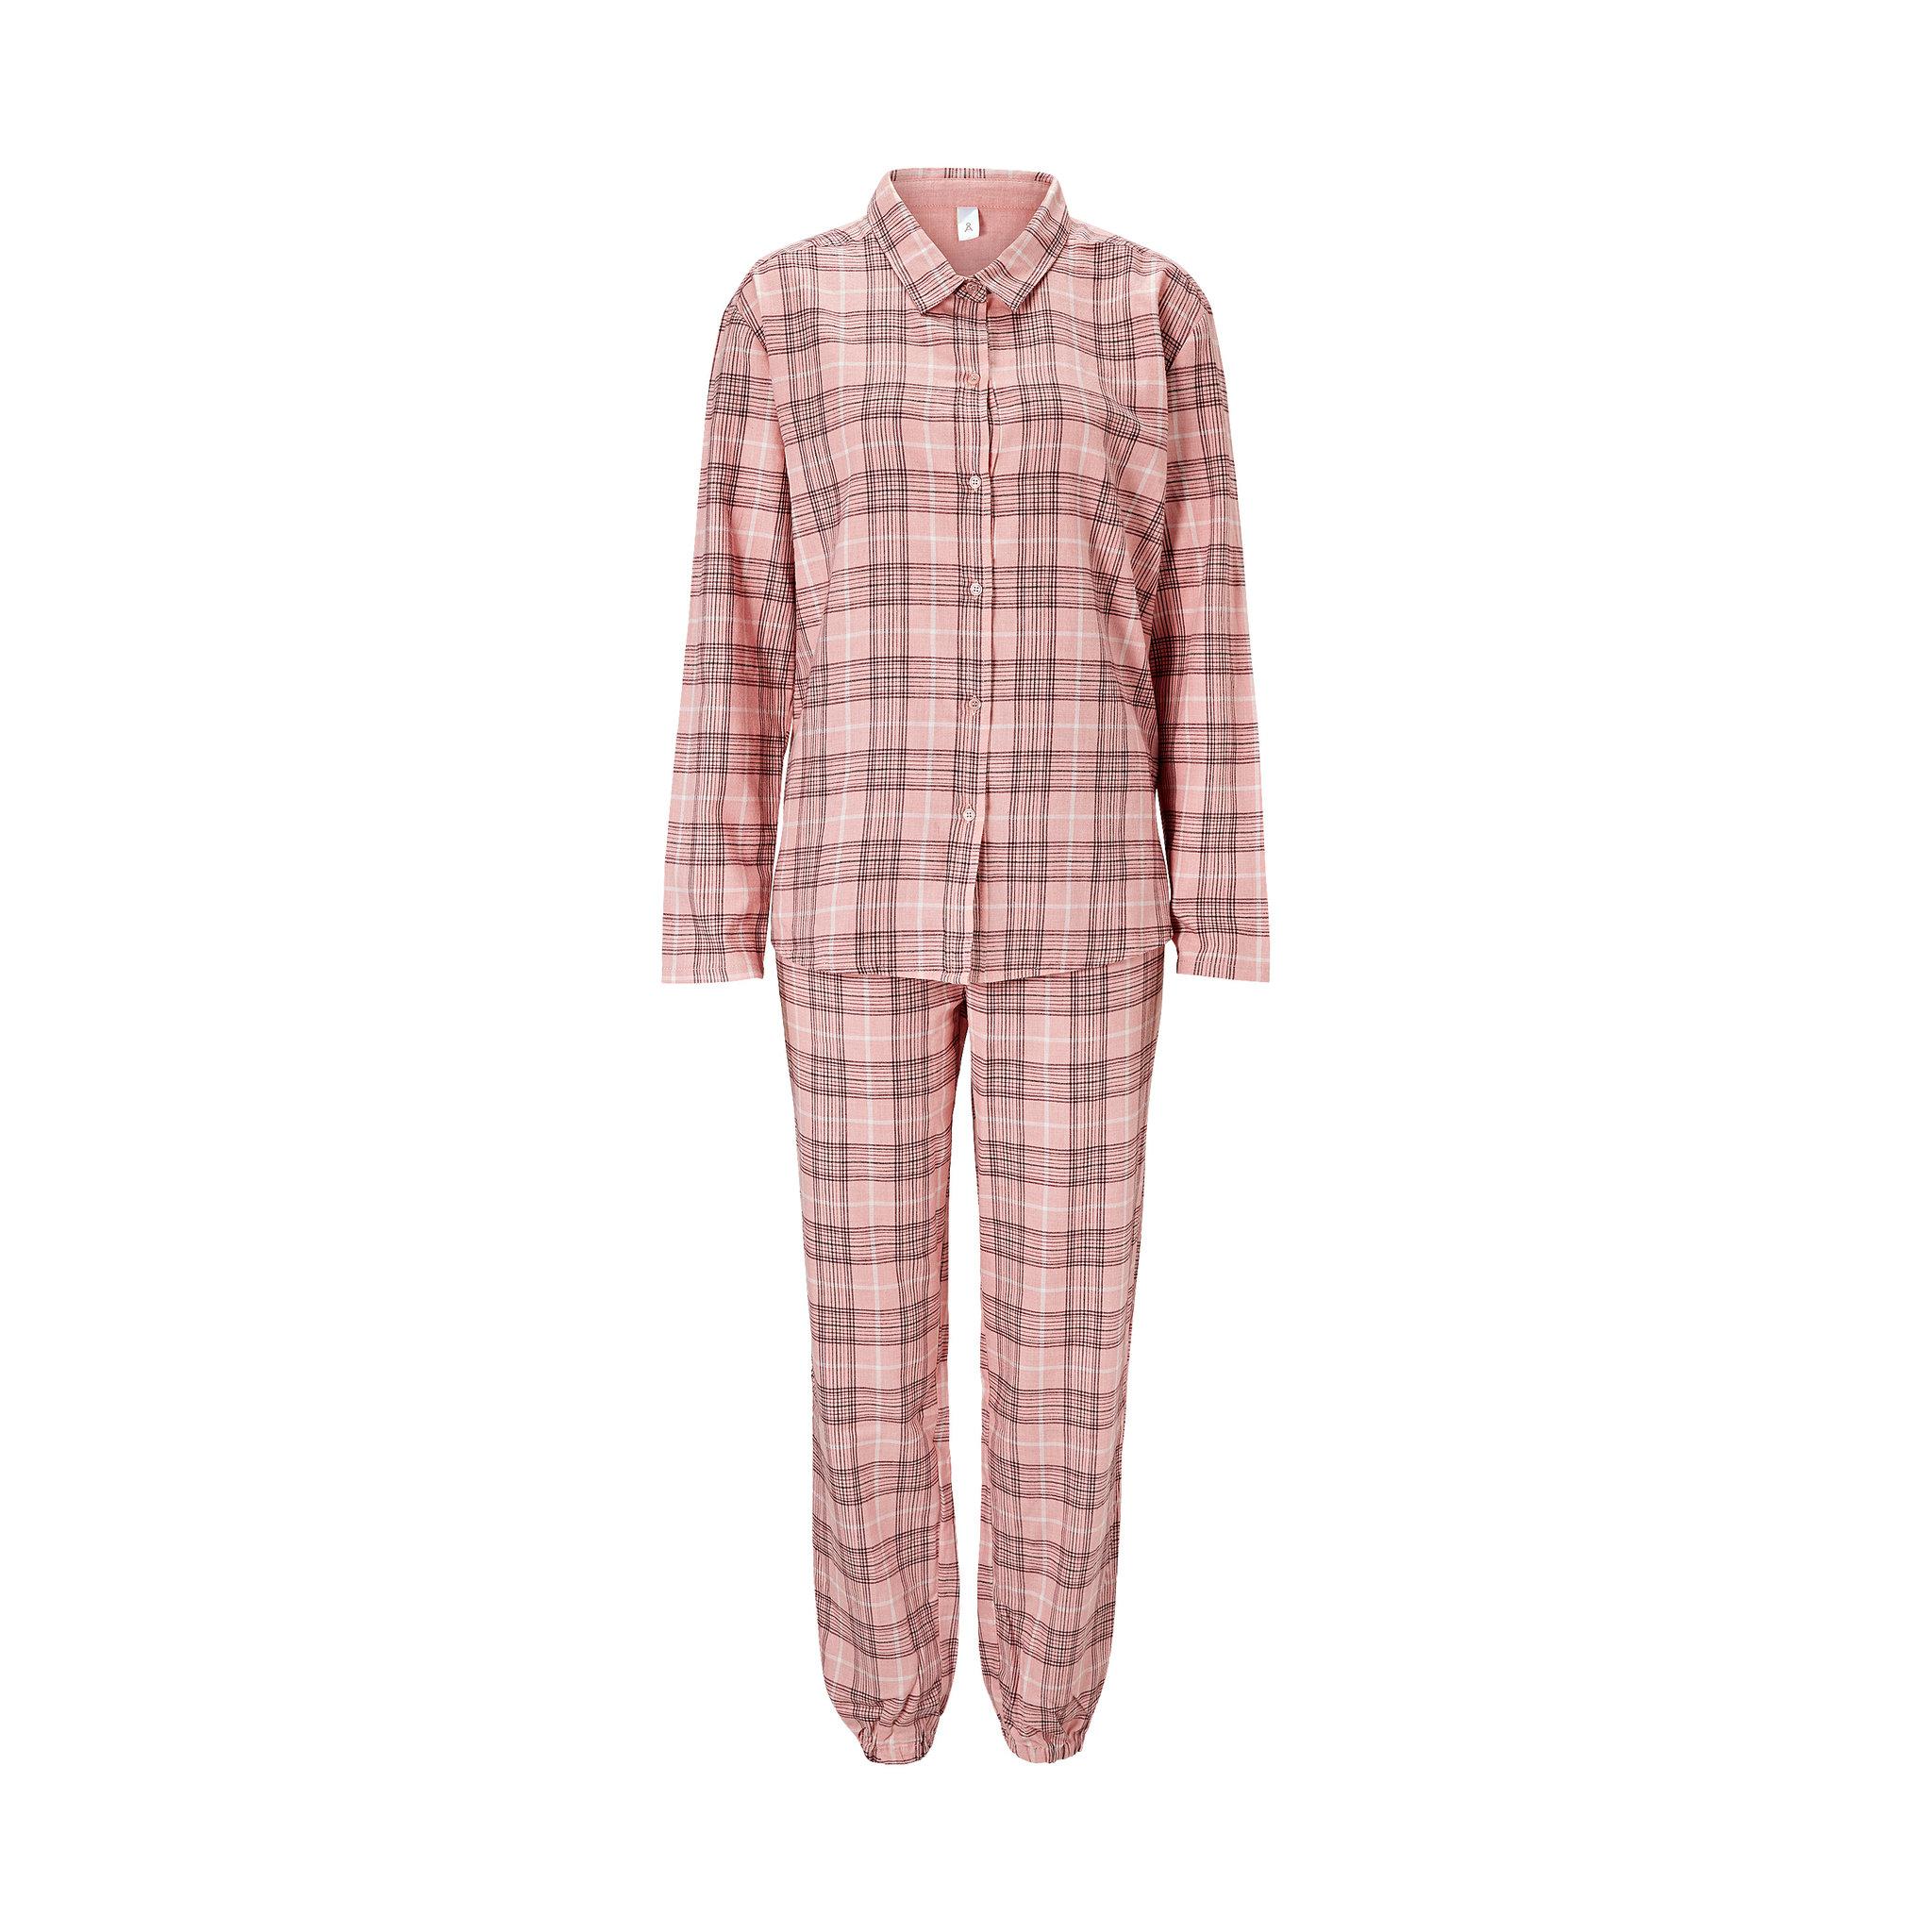 Pyjamas i flanell - Sovkläder - Köp online på åhlens.se! a1895dbf6380f